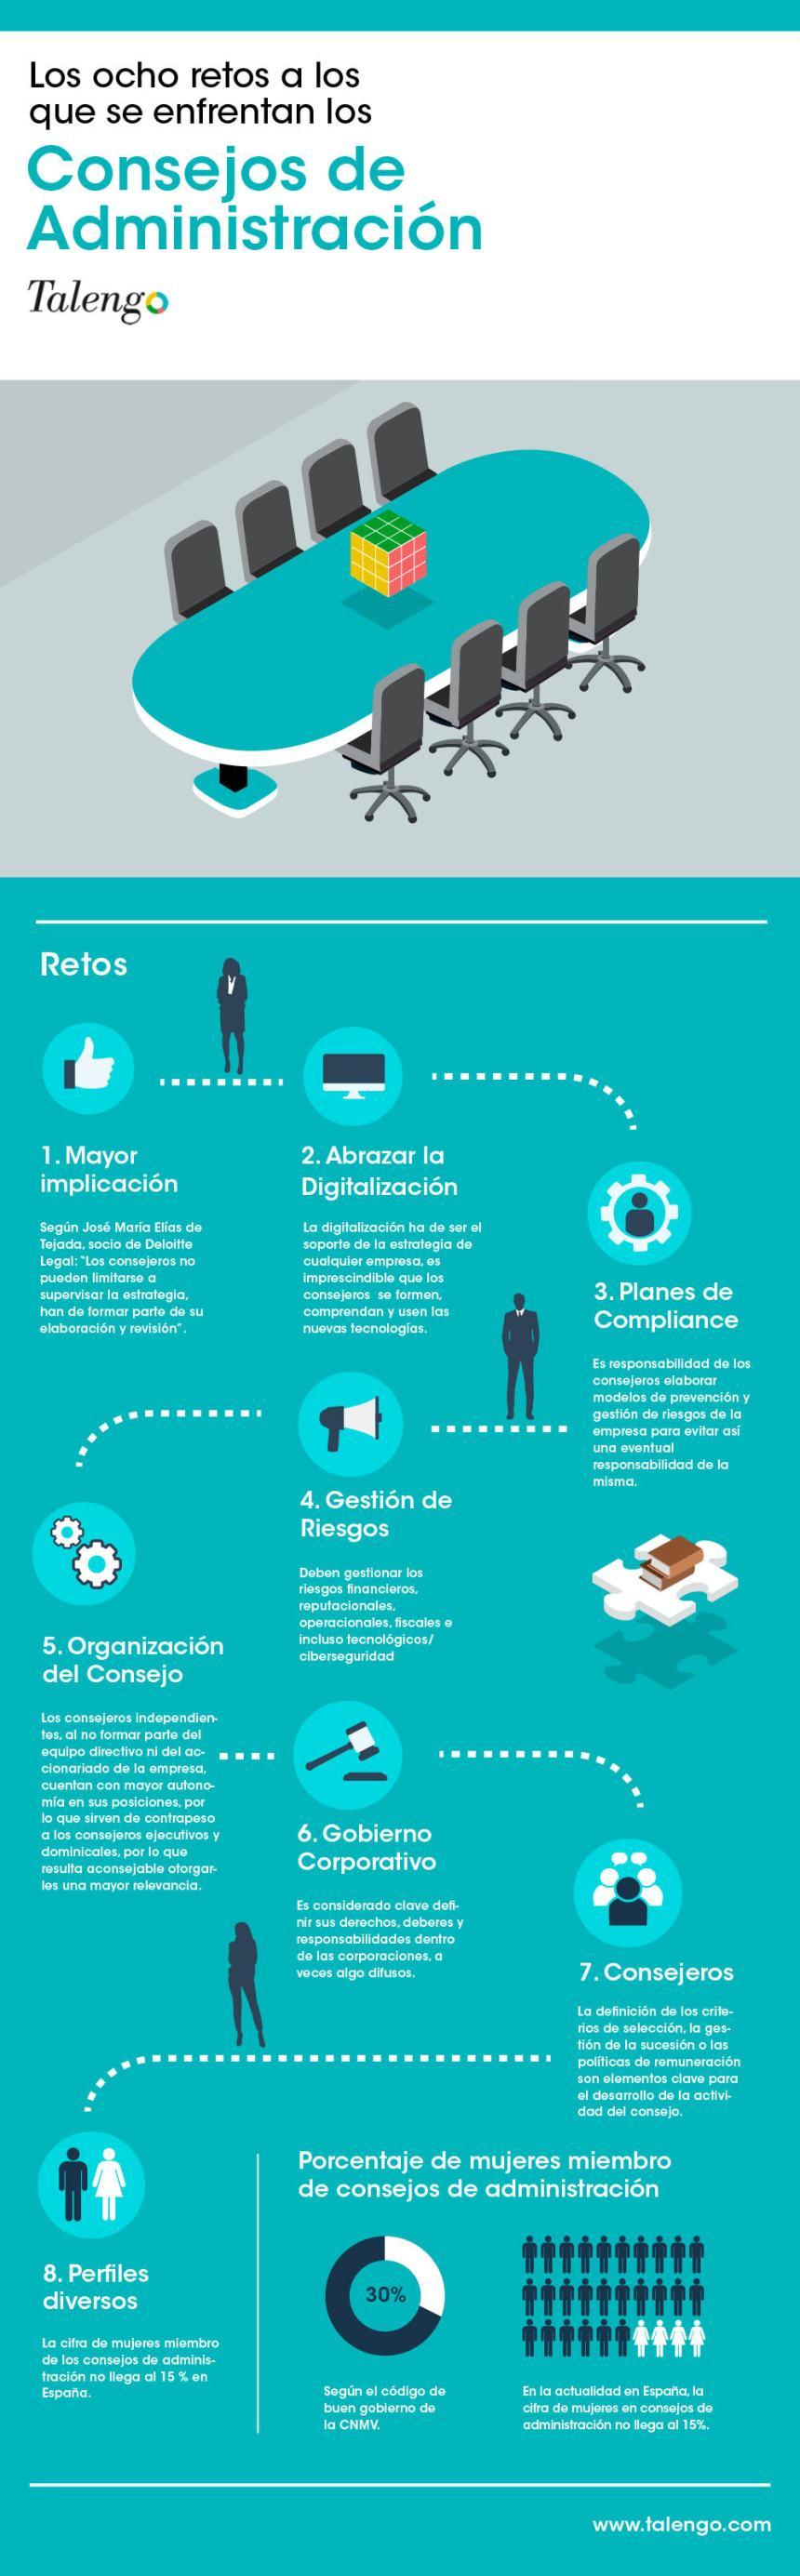 8 retos para los Consejos de Administración